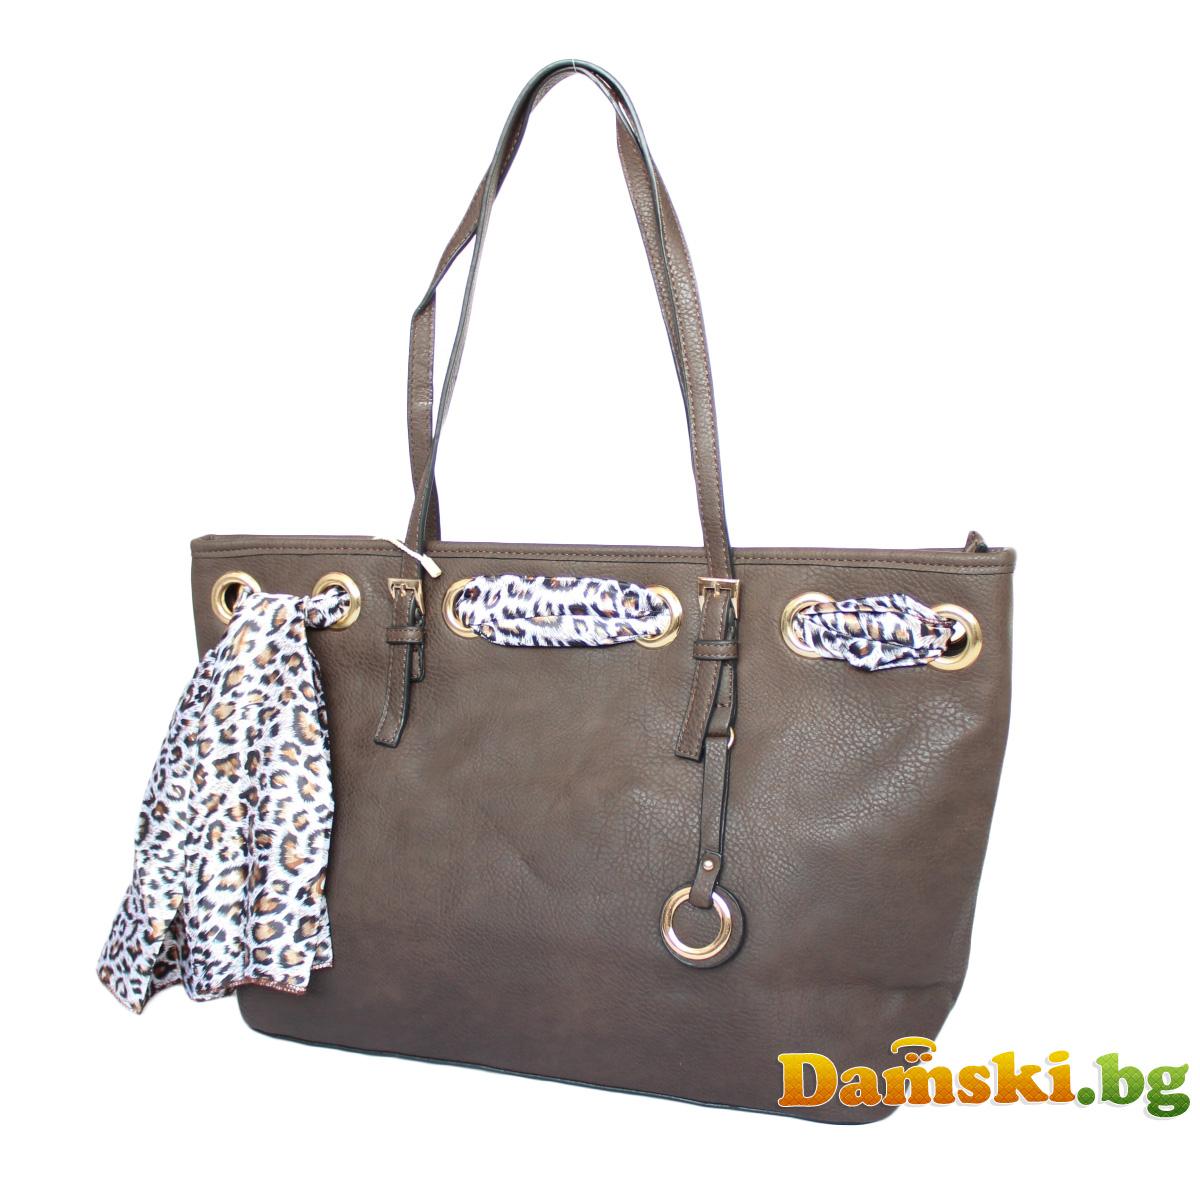 Стилна дамска чанта с шалче - тъмно кафява Снимка 3 от 3